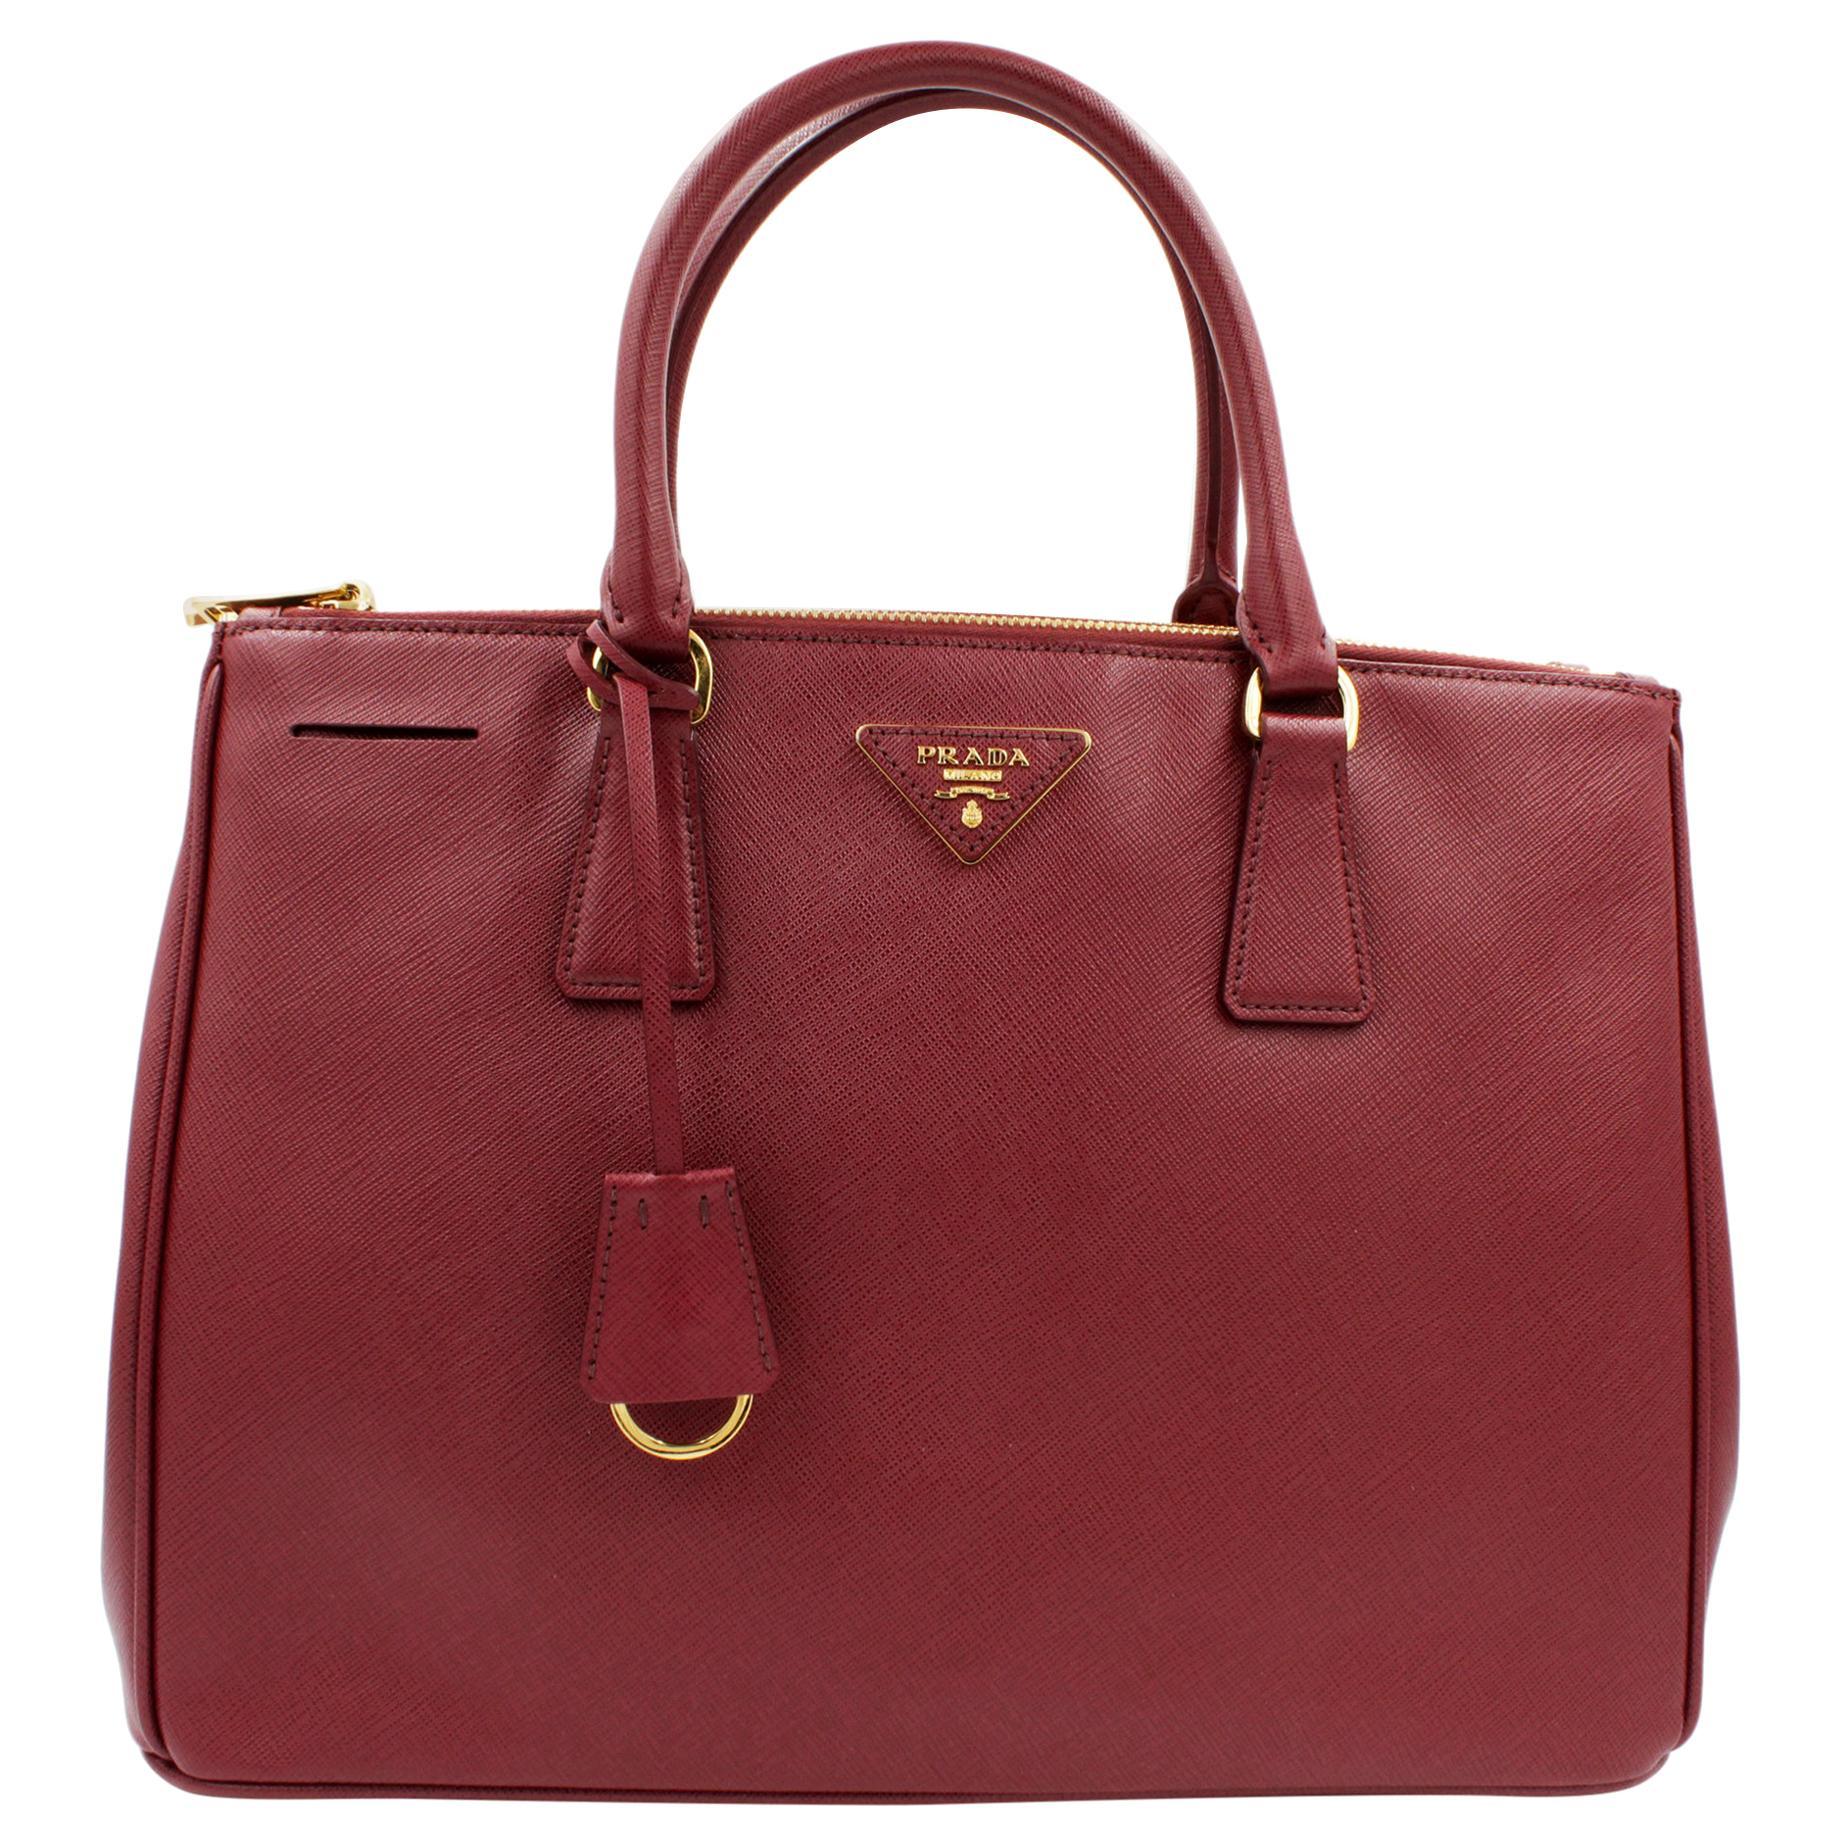 PRADA Saffiano Lux Galleria Cherry Leather Womens Convertible Tote Bag 1BA274